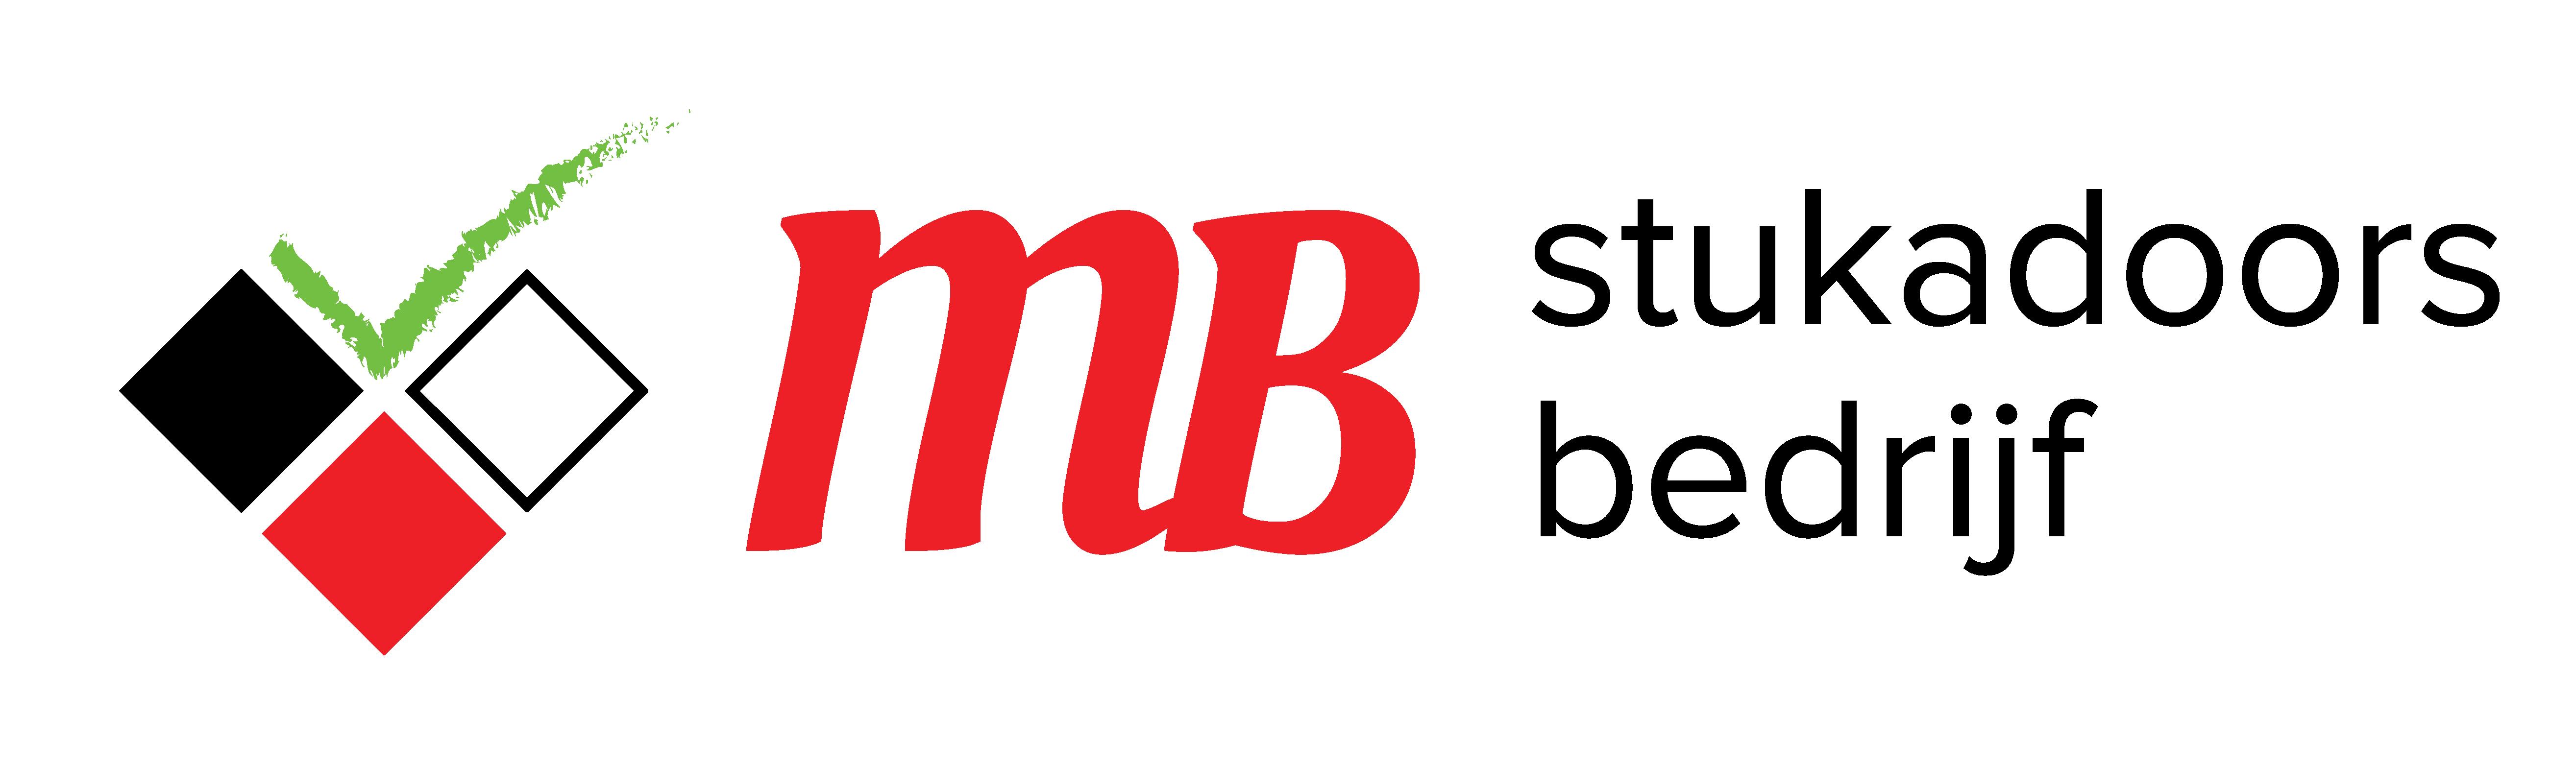 MB Stukadoorsbedrijf | Uw Betaalbare en Professionele Stukadoors